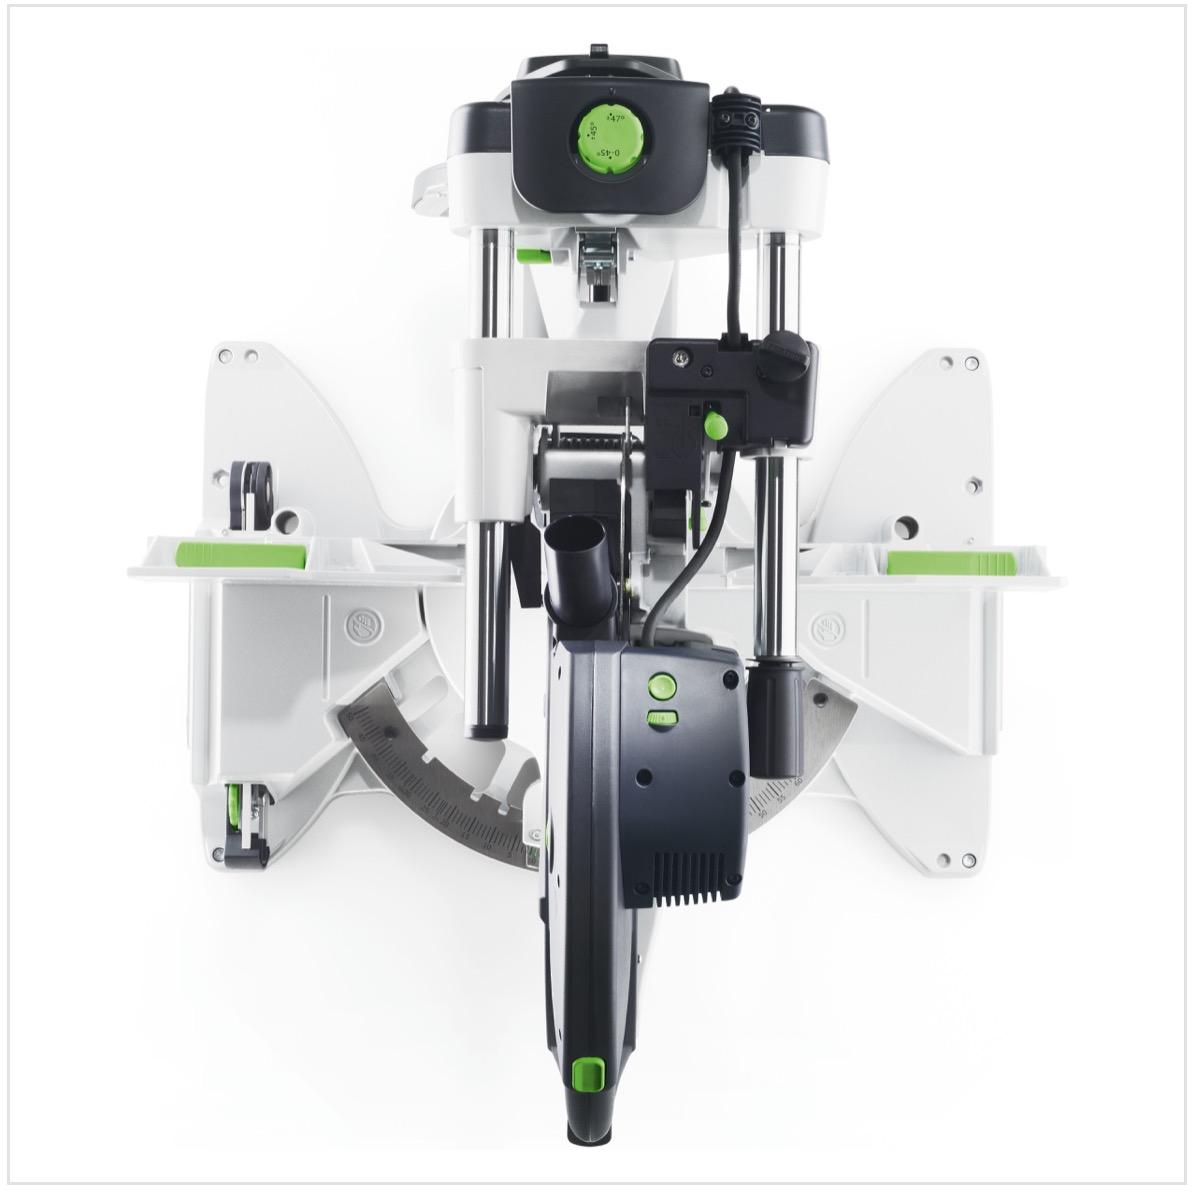 festool kapp-zugsäge ks 120 eb kapex 1600 w / 260 mm ( 561283